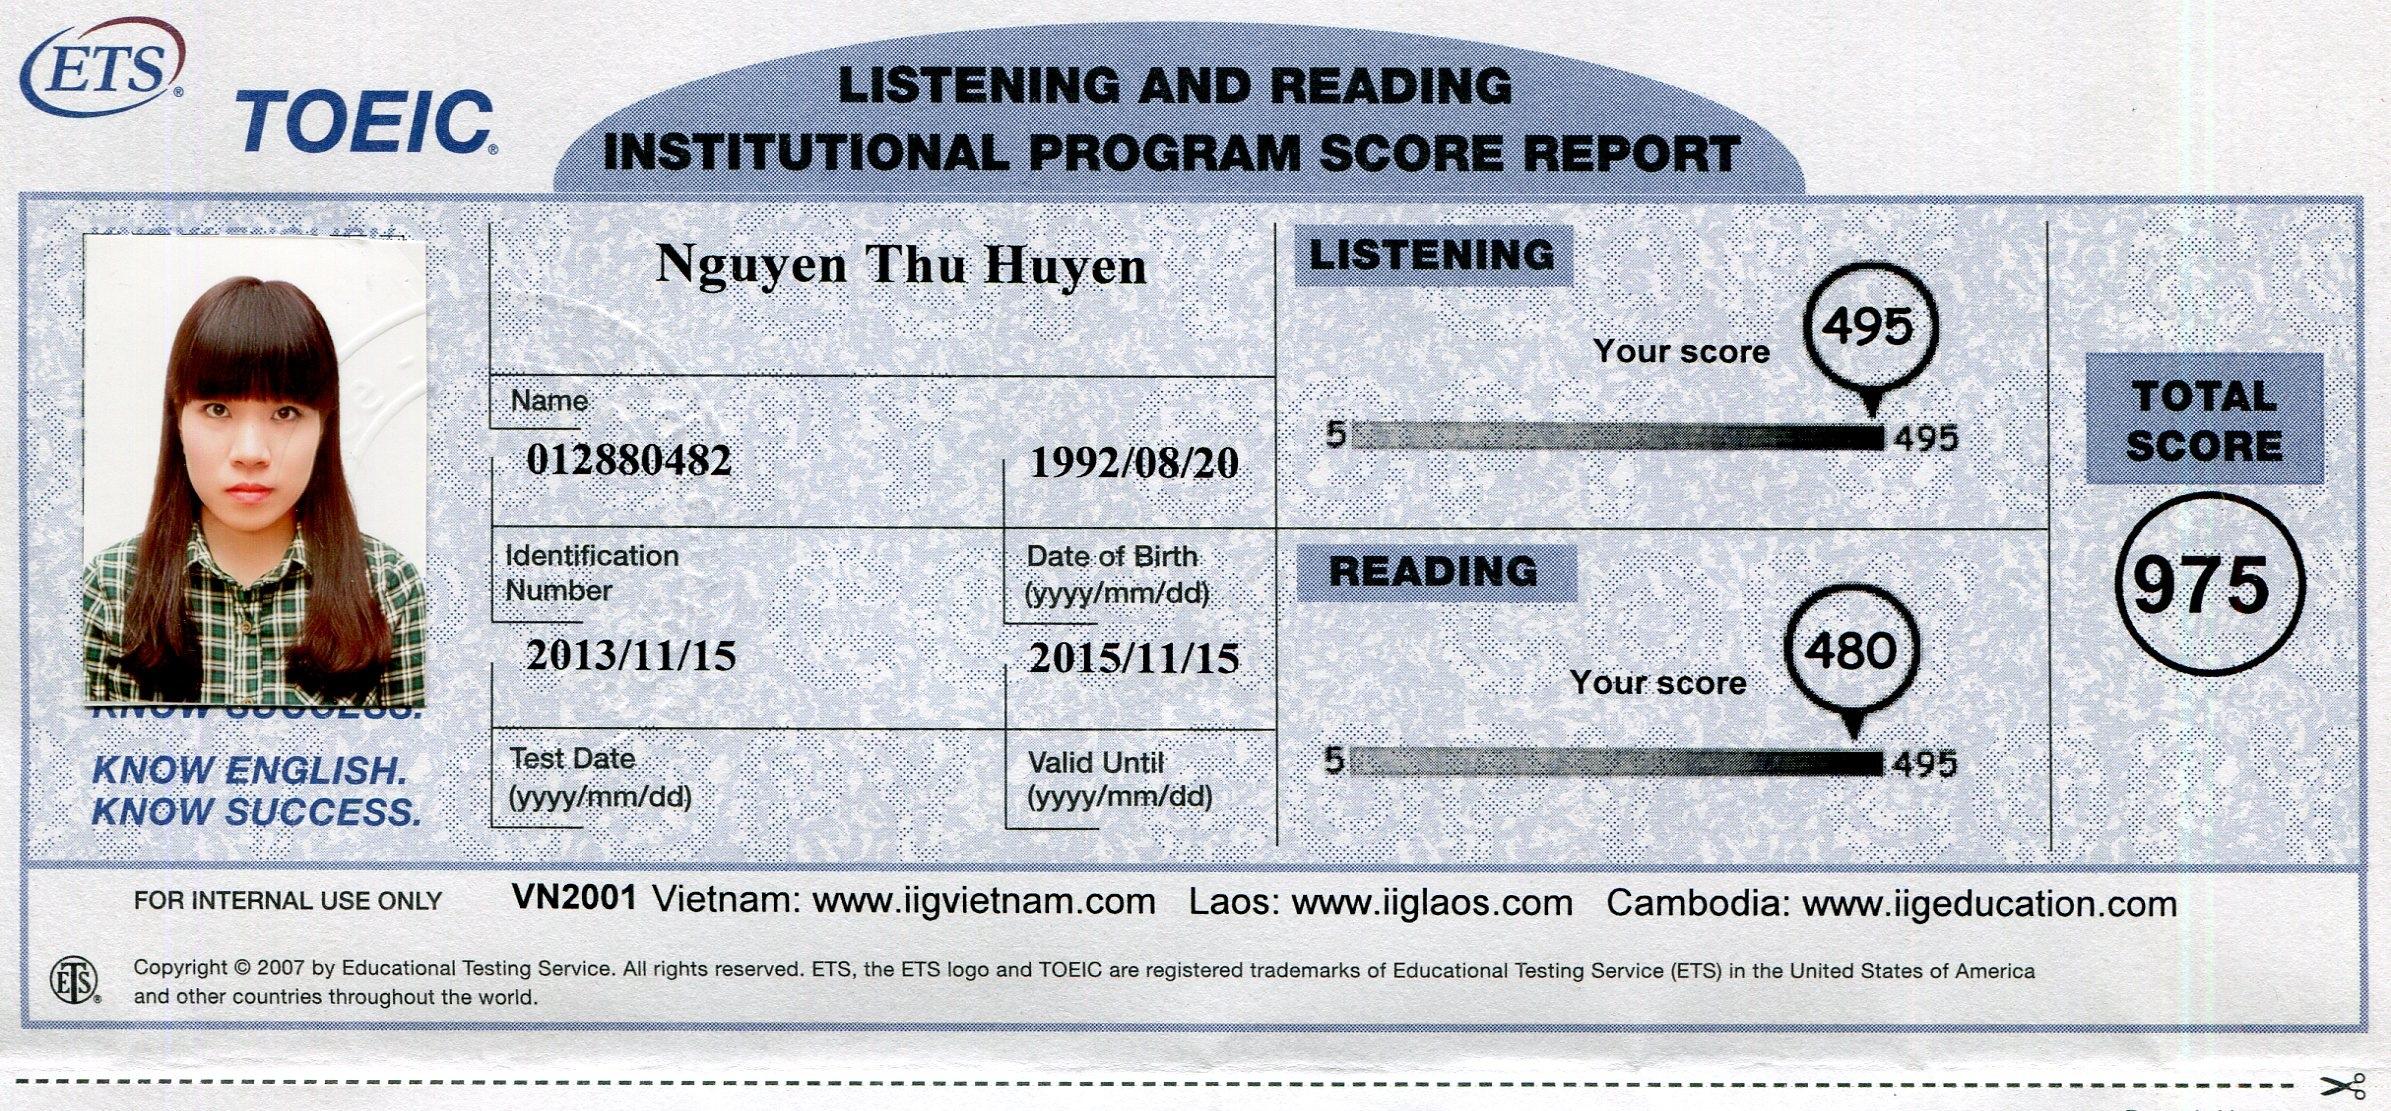 Kỷ lục toeic mới tại đỗ dung class - 975 Điểm